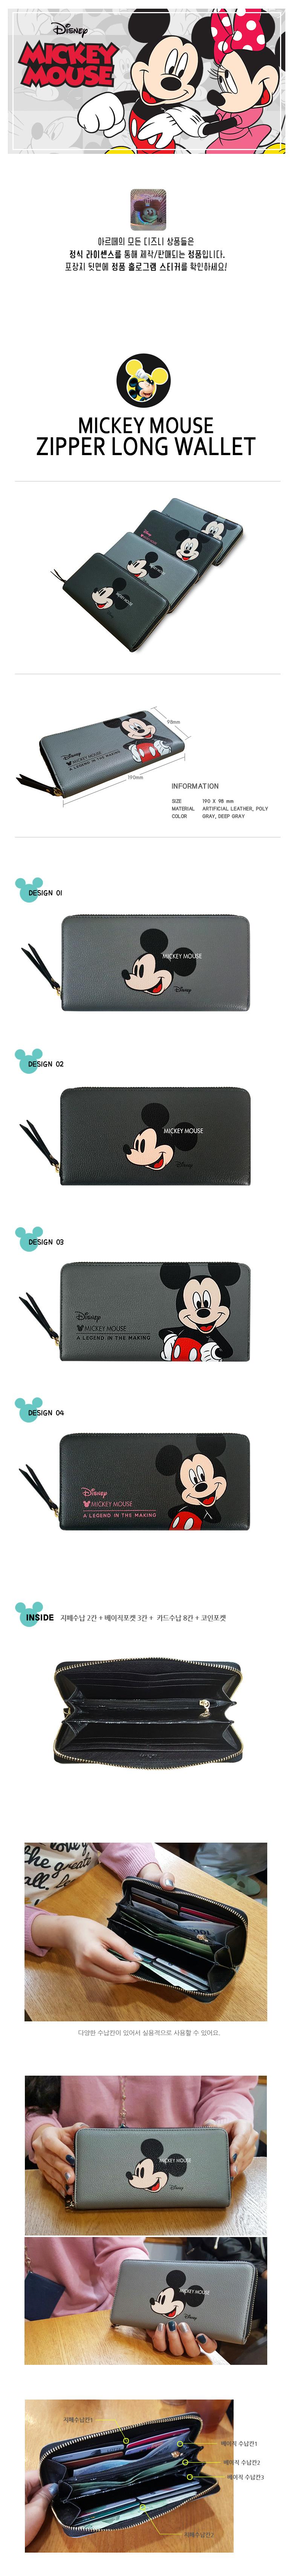 디즈니 미키마우스 지퍼장지갑 - 아르떼, 25,000원, 여성지갑, 장/중지갑